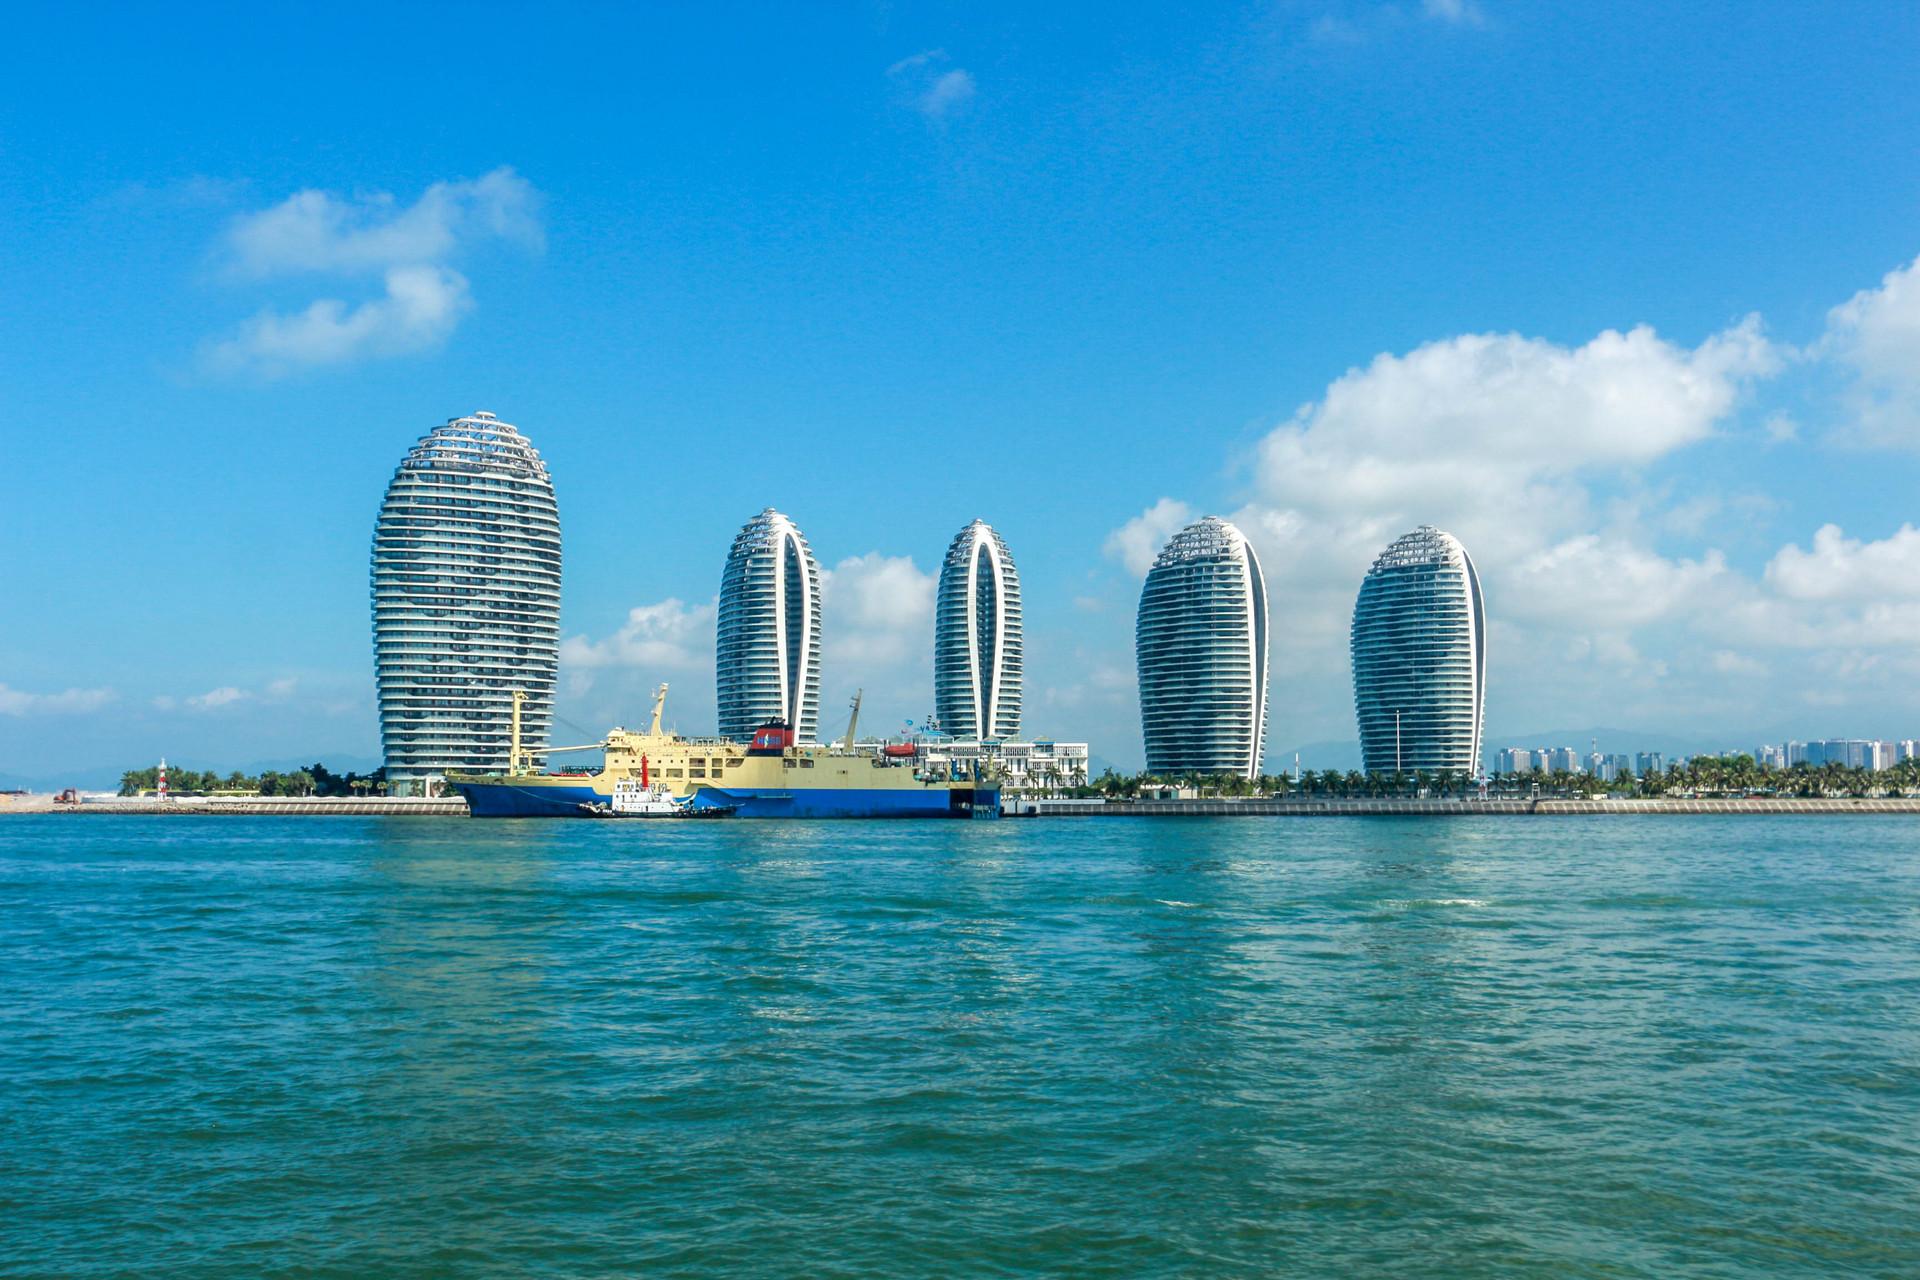 冬天旅游去哪里?海南度假属第一,除了三亚这些地方也值得一去!